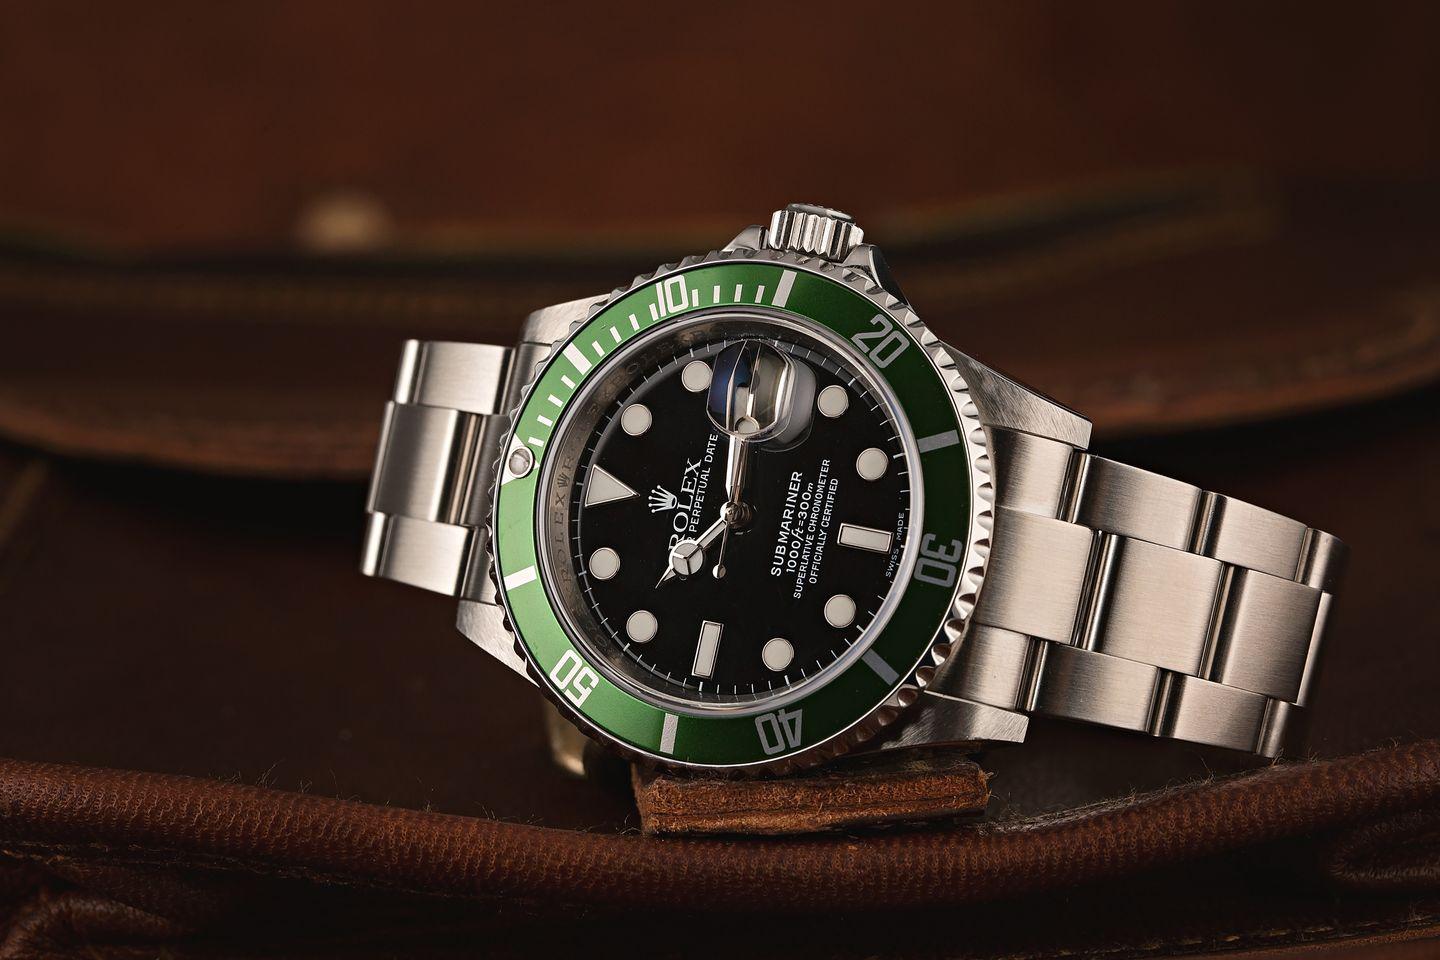 Green Rolex Submariner Hulk vs Kermit 16610 LV